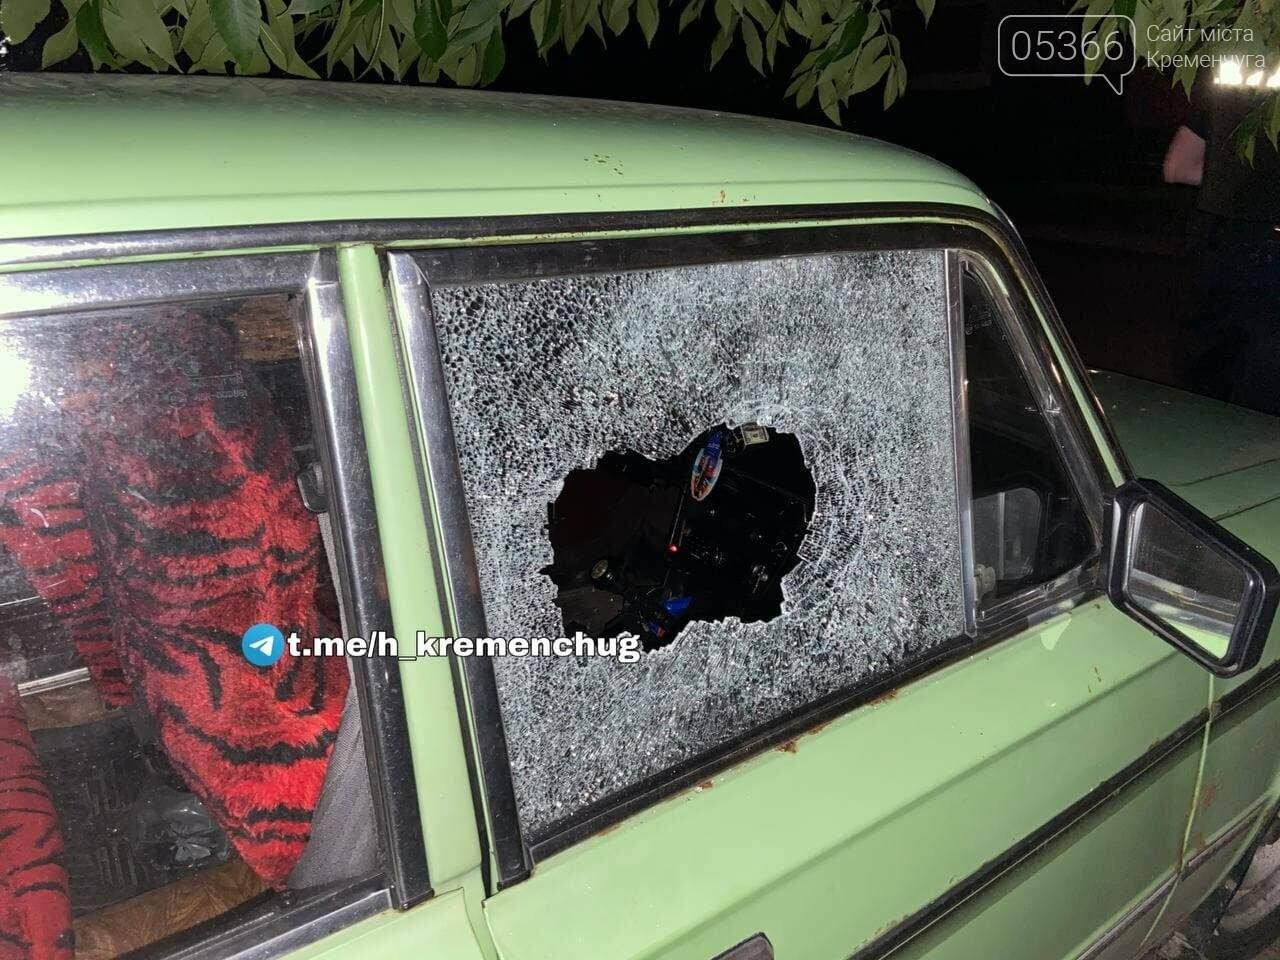 Невідомі особи вночі ходили по Кременчуку та били автівки, одну навіть спалили. Відео, ФОТО , фото-1